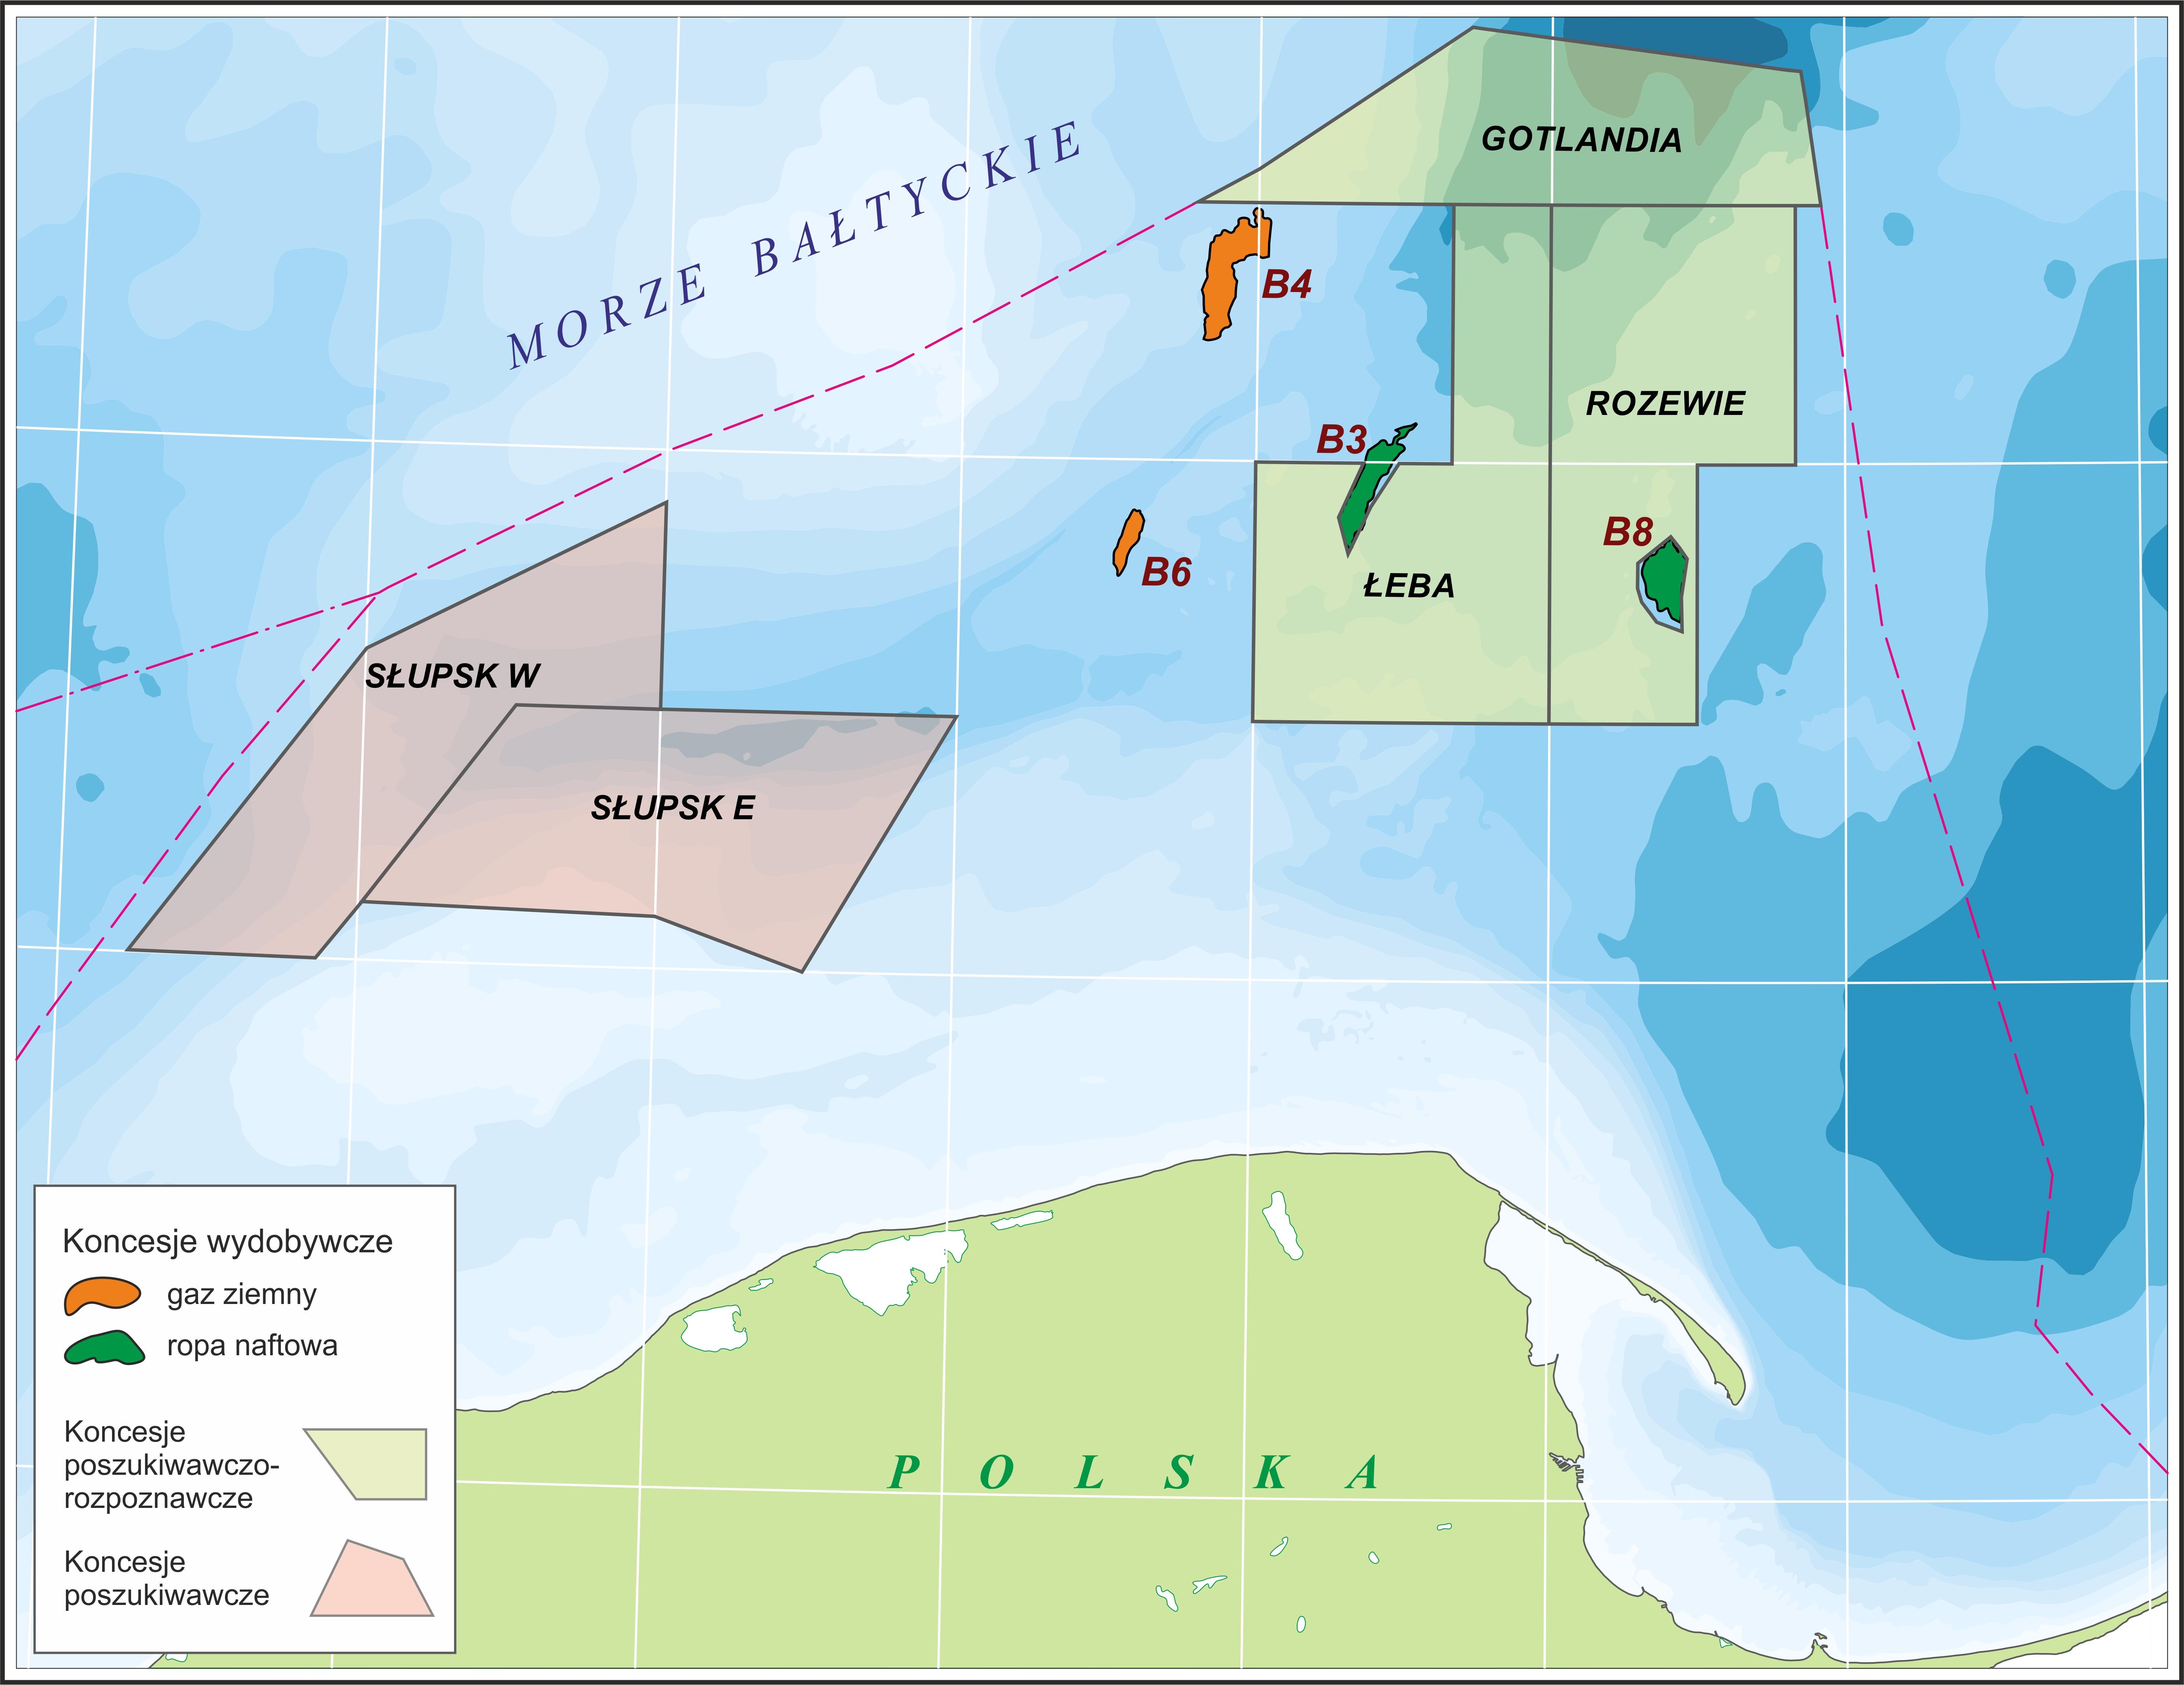 Mapka licencji na poszukiwania i wydobycie węglowodorów na Bałtyku LOTOS Petrobaltic